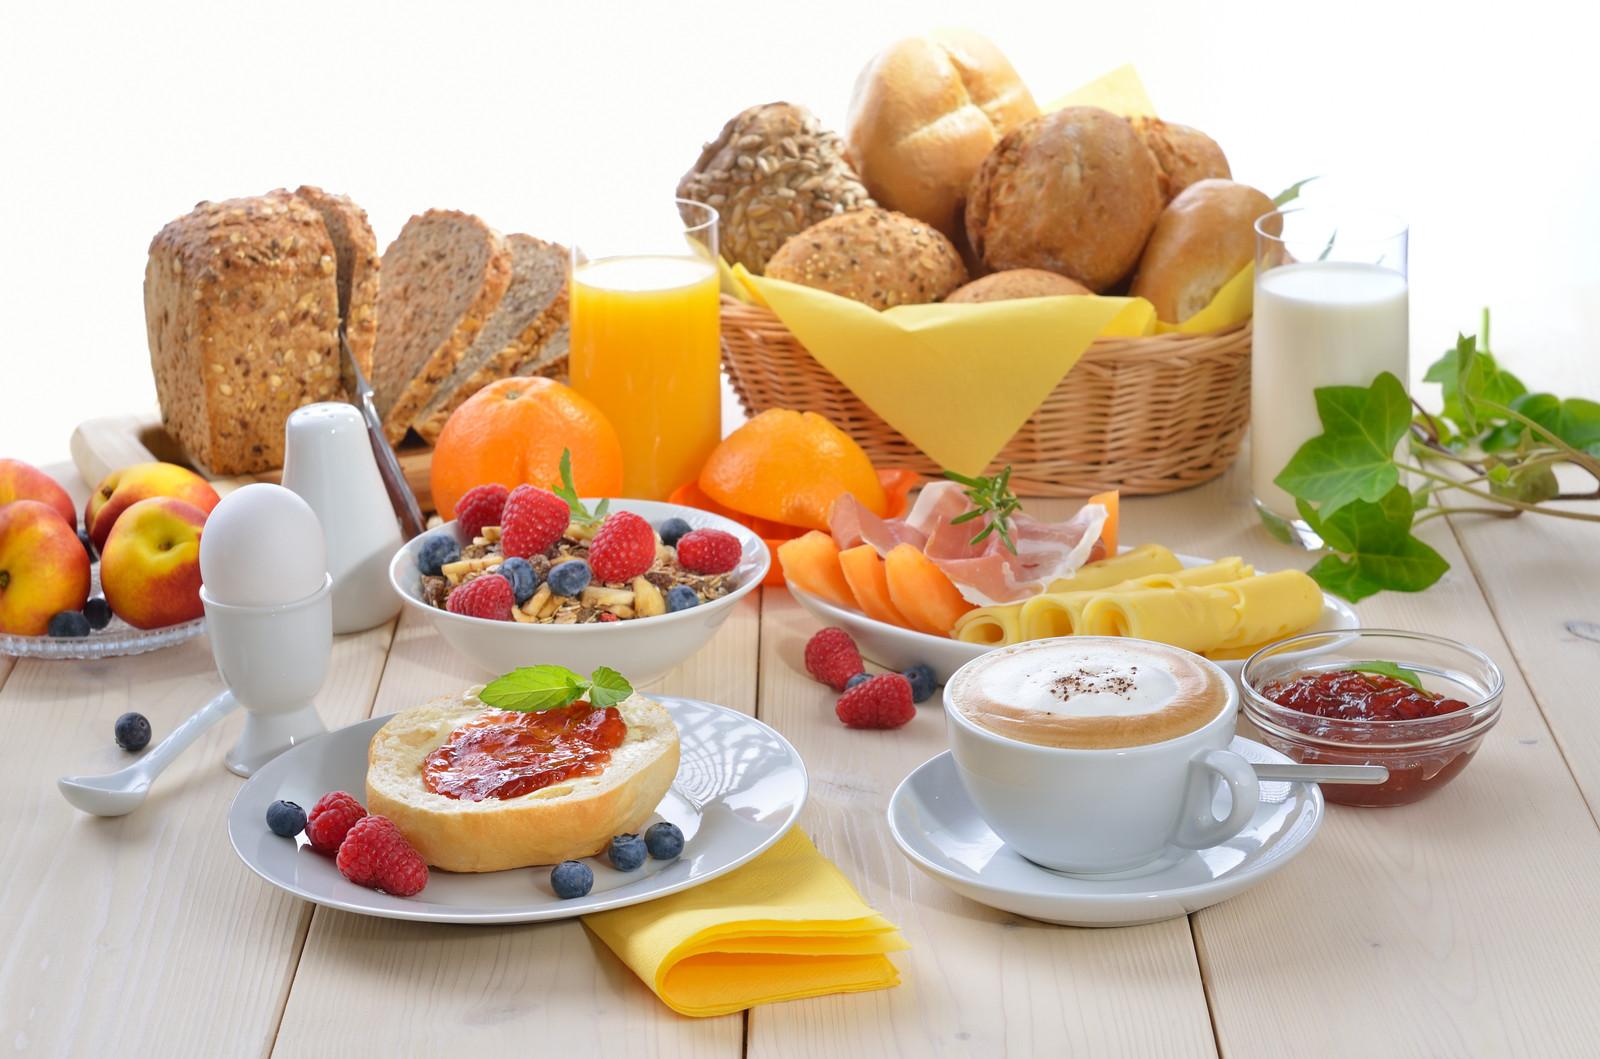 Desayuno, la comida más importante del día